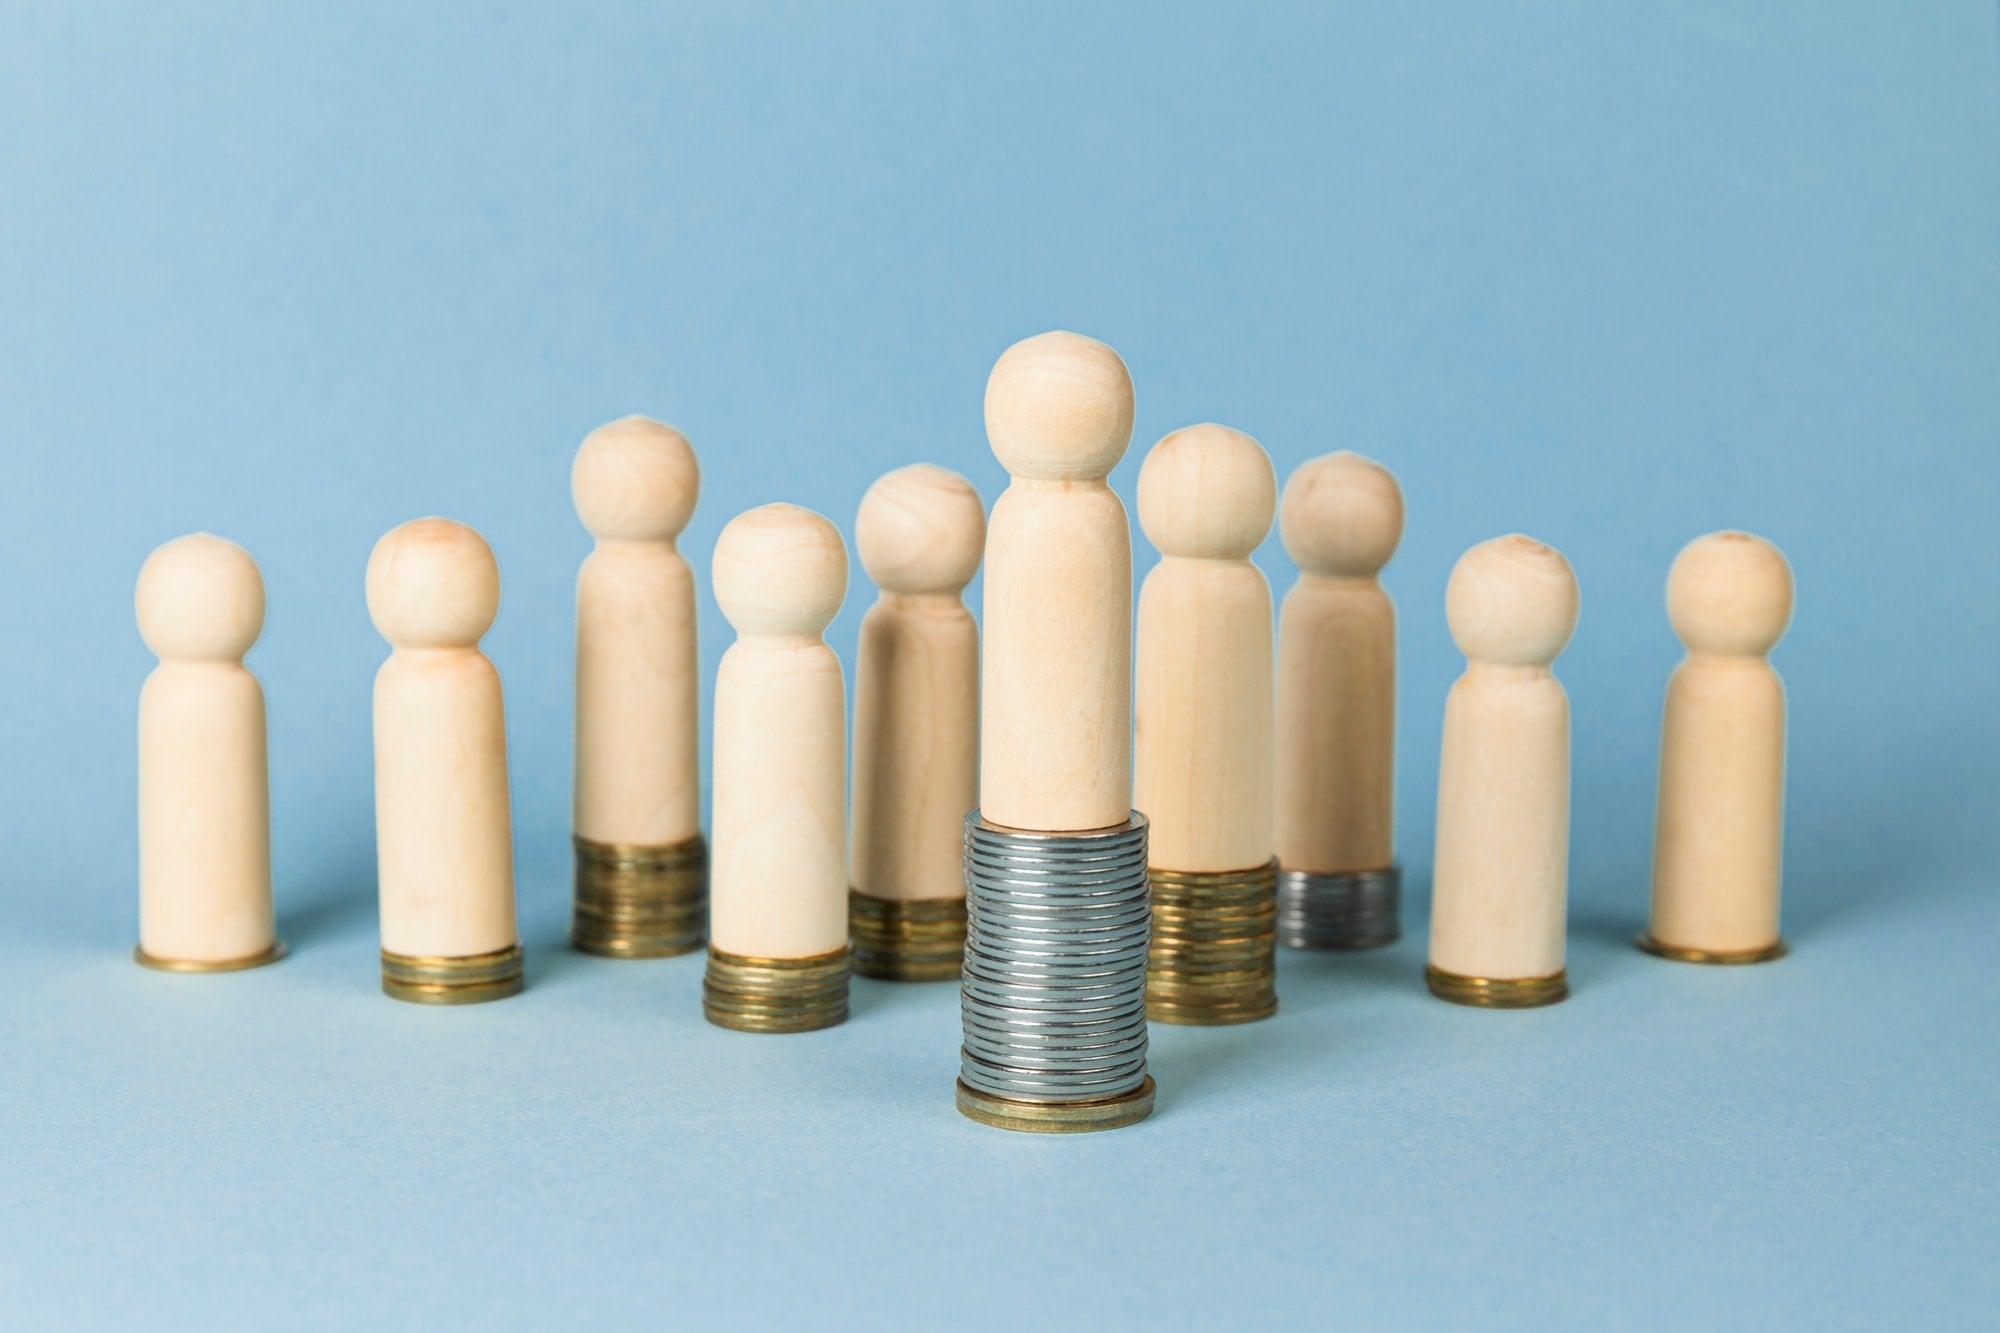 Una recesión muy particular: por qué la desigualdad puede empeorar mucho más después de la COVID-19